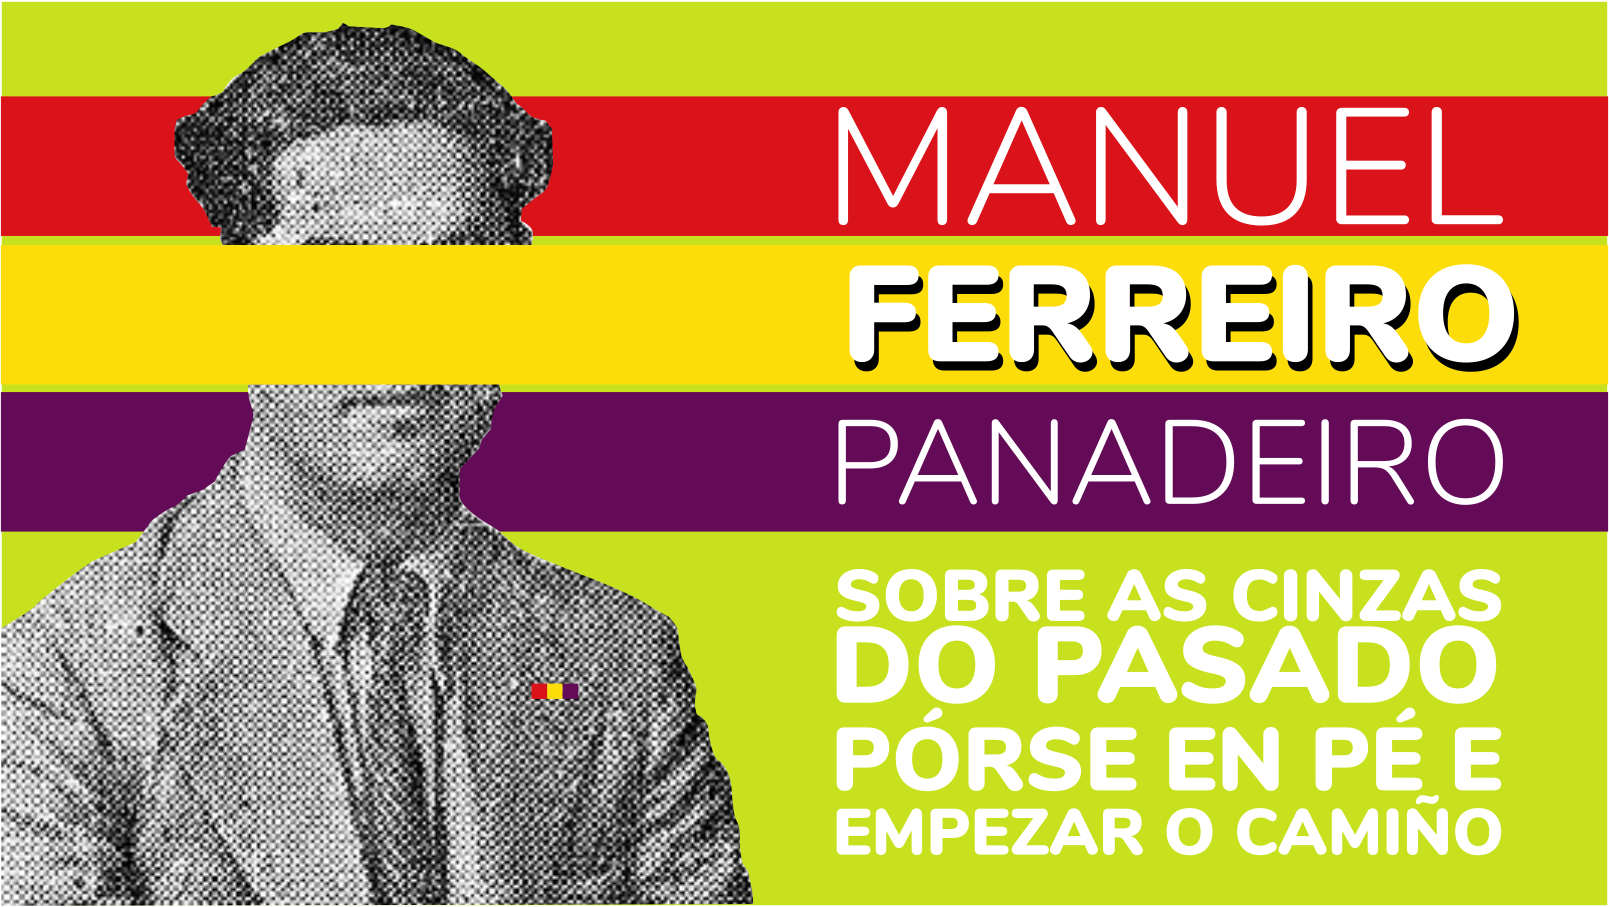 manuel_ferreiro_panadeiro